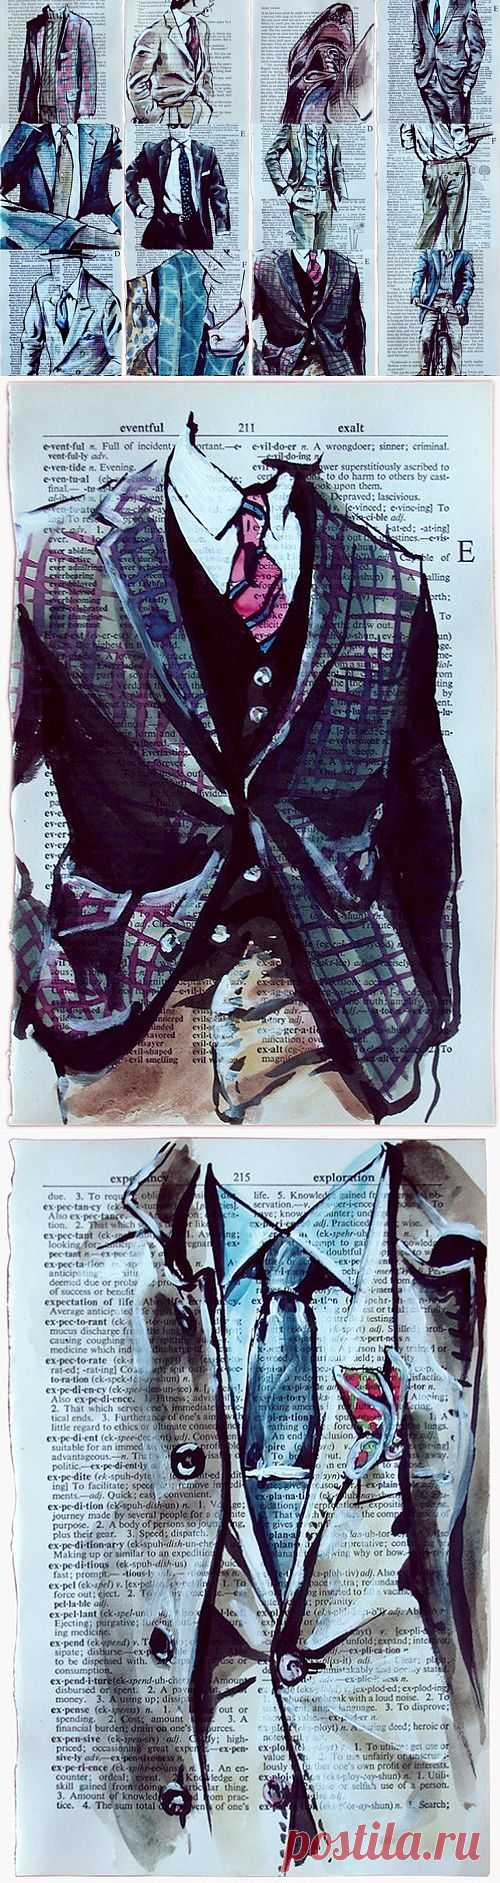 Лукбук на книжных страницах (Diy) Читай город / Арт-объекты / Модный сайт о стильной переделке одежды и интерьера